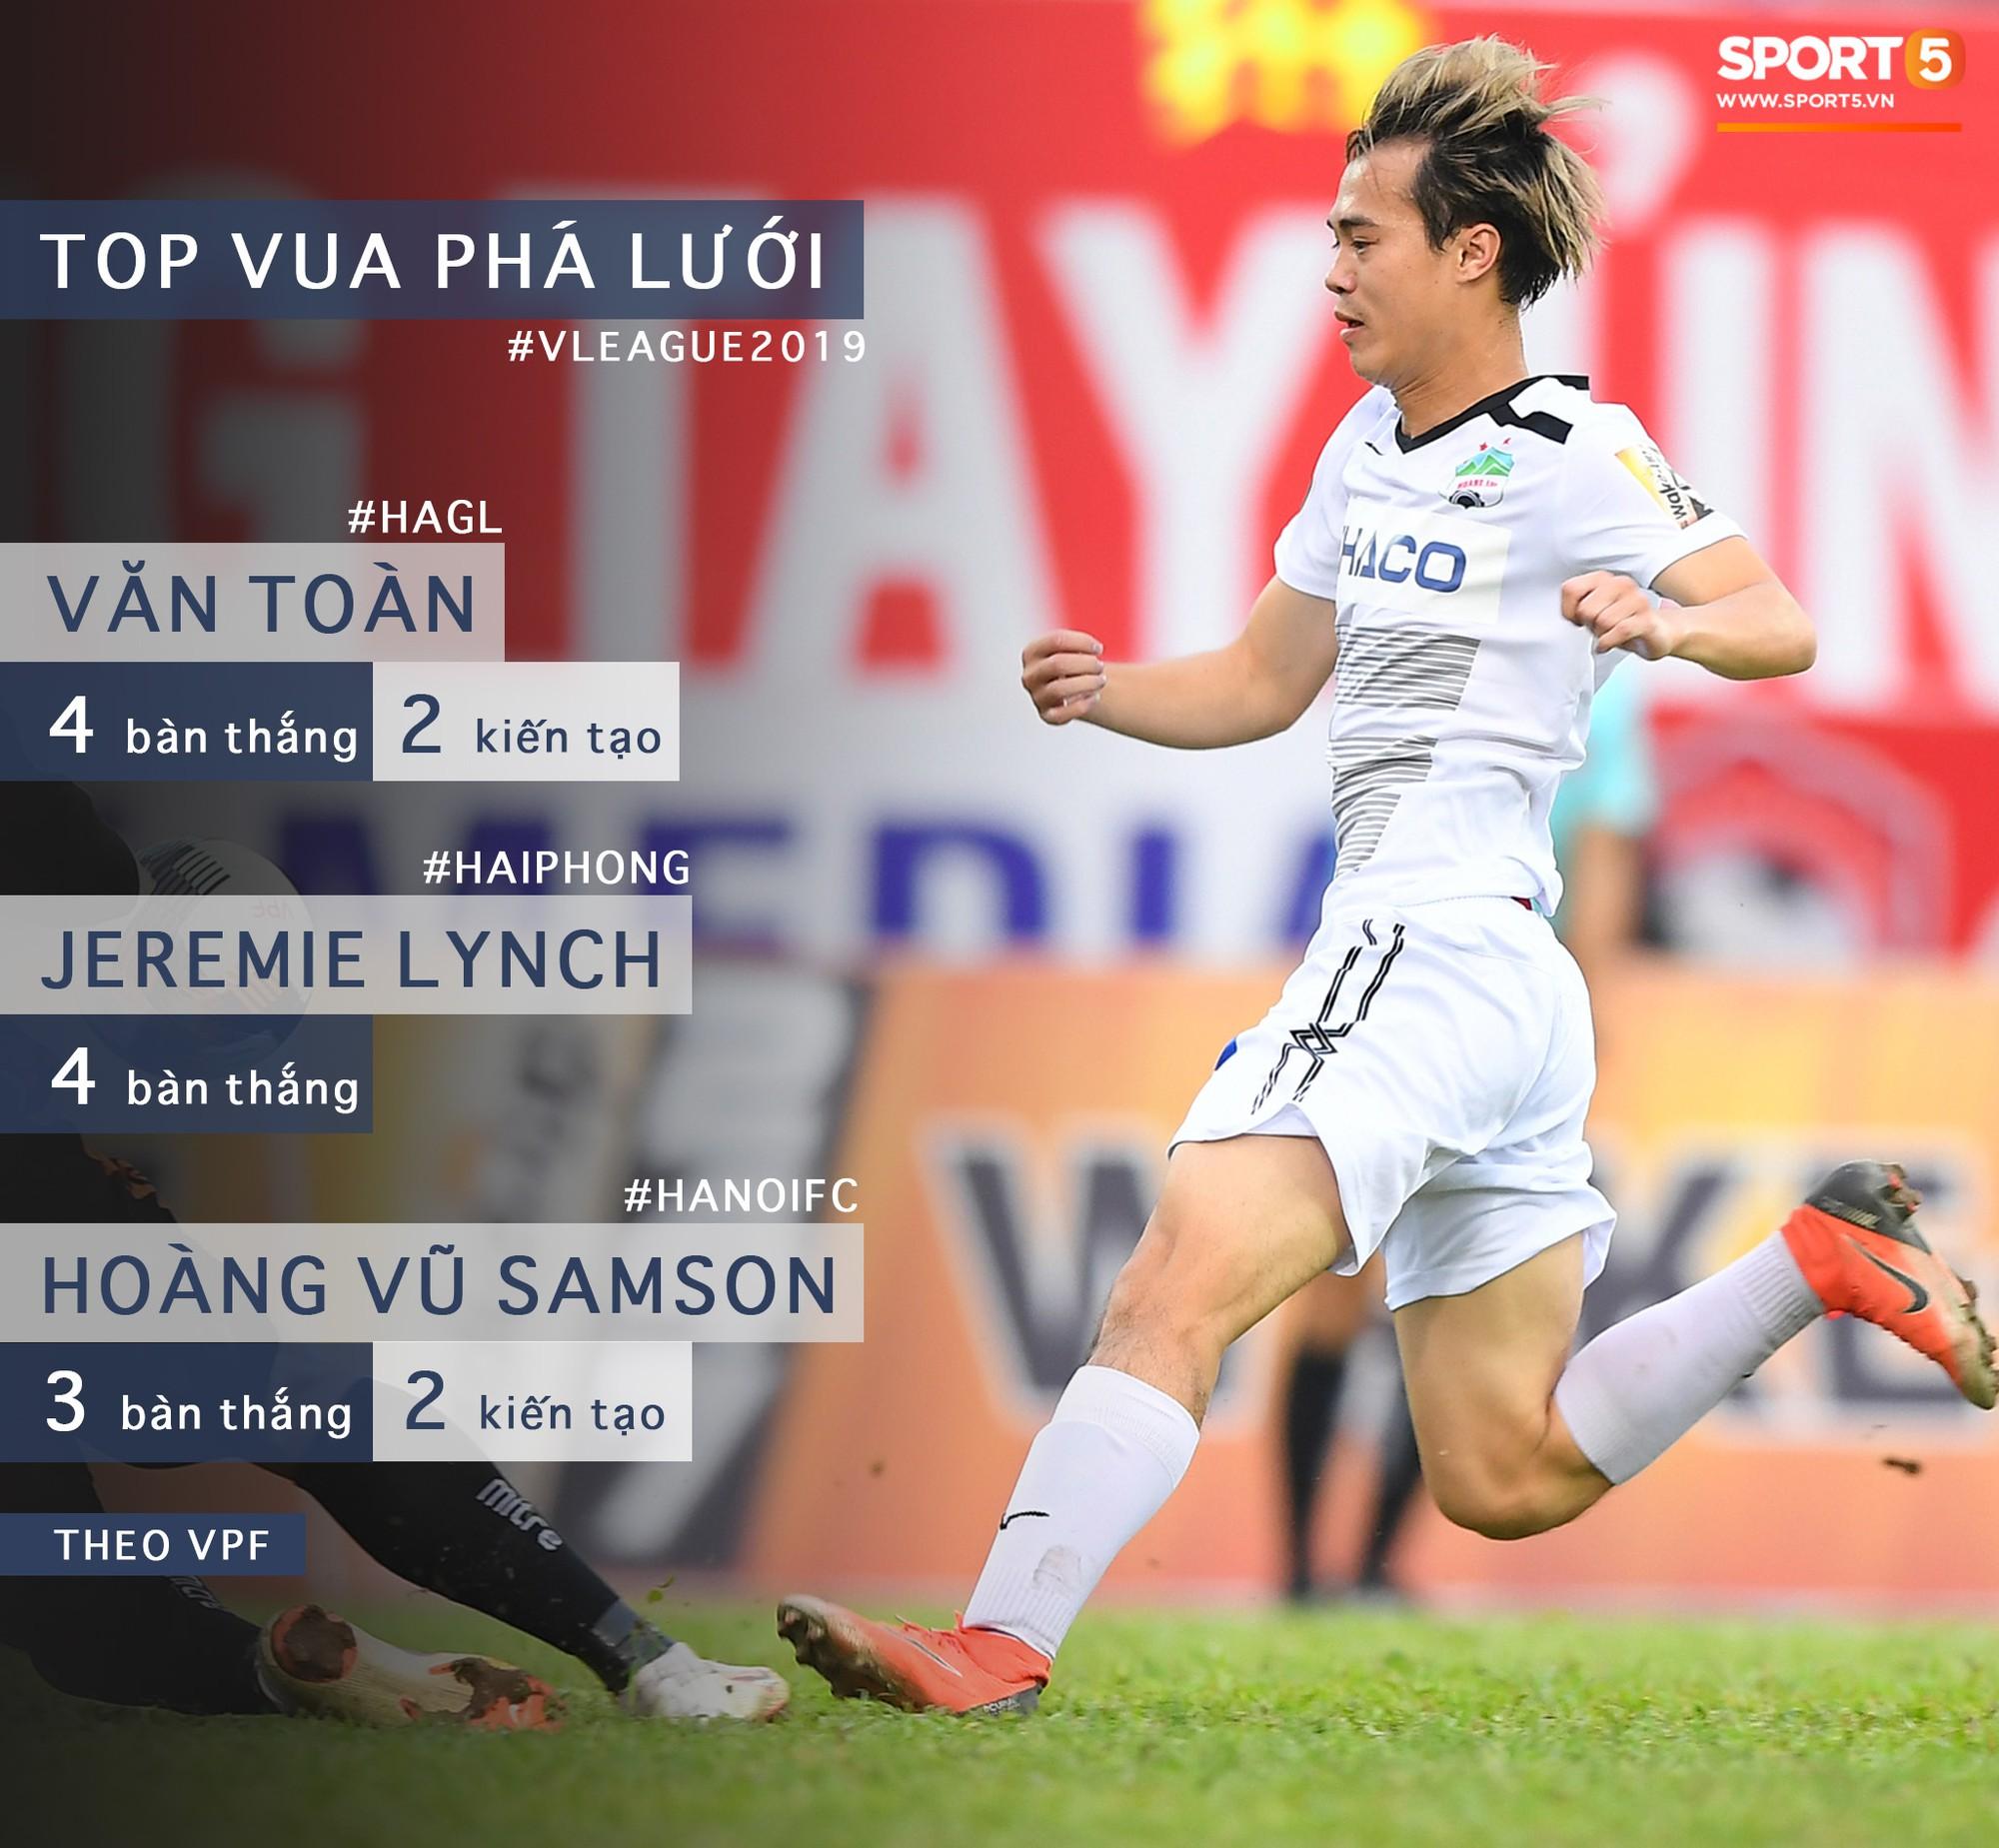 Thống kê bất ngờ, Văn Toàn trở thành cầu thủ có tầm ảnh hưởng nhất ở V.League hiện tại-1